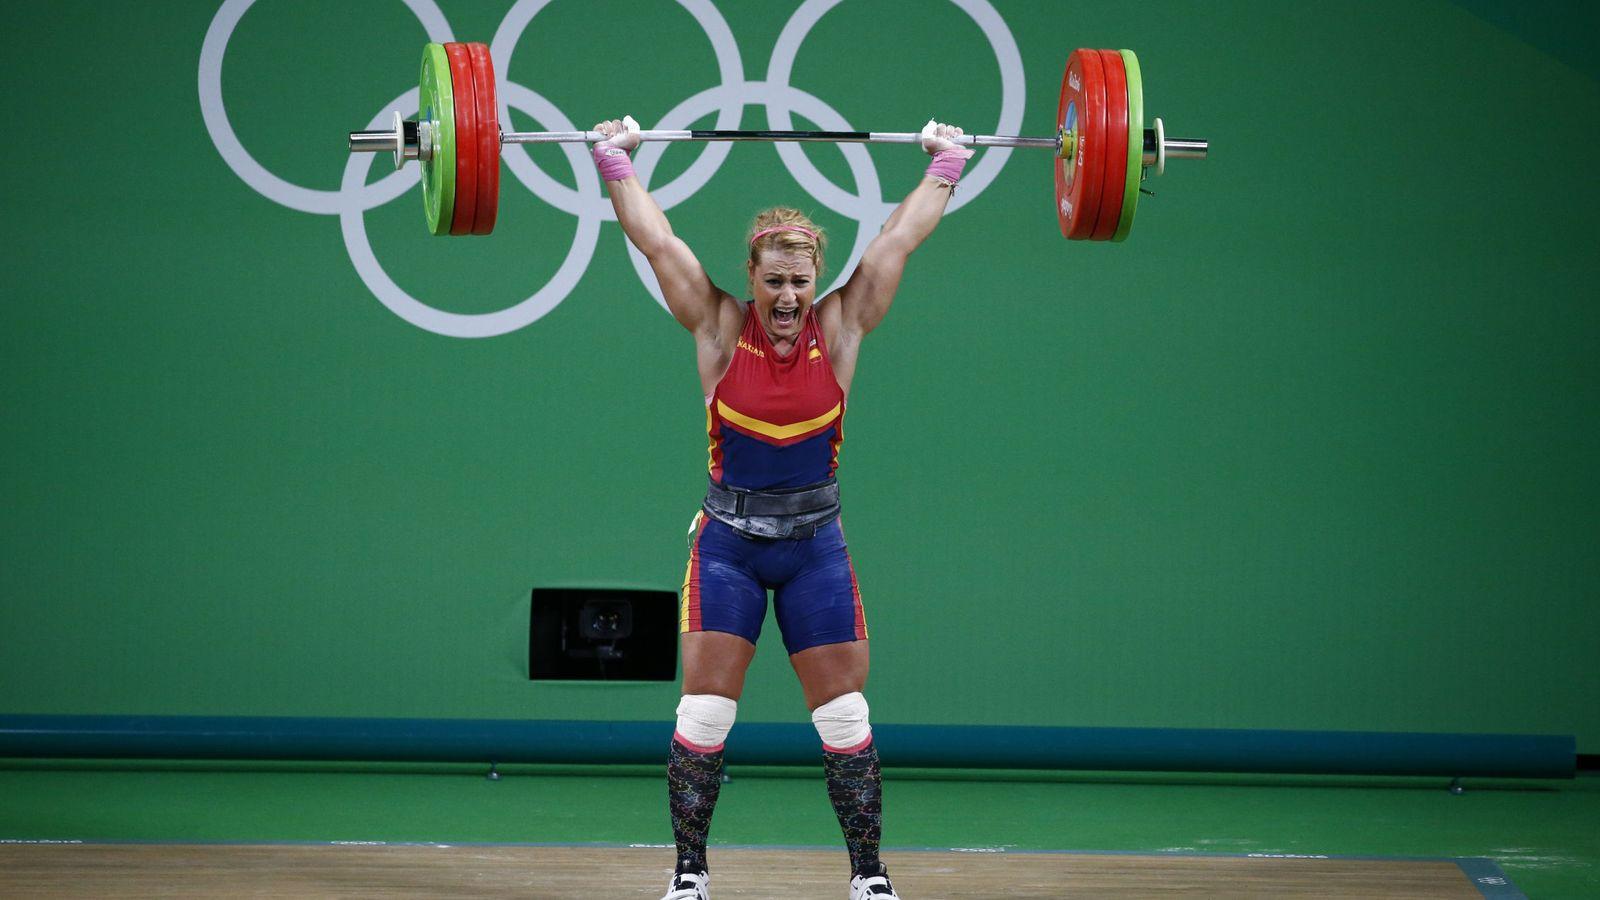 Foto: Lydia Valentín ganó la medalla de bronce en los Juegos Olímpicos de Río de Janeiro y puede ganar otras dos de Pekín y Londres por el dopaje de sus rivales (Larry W. Smith/EFE)